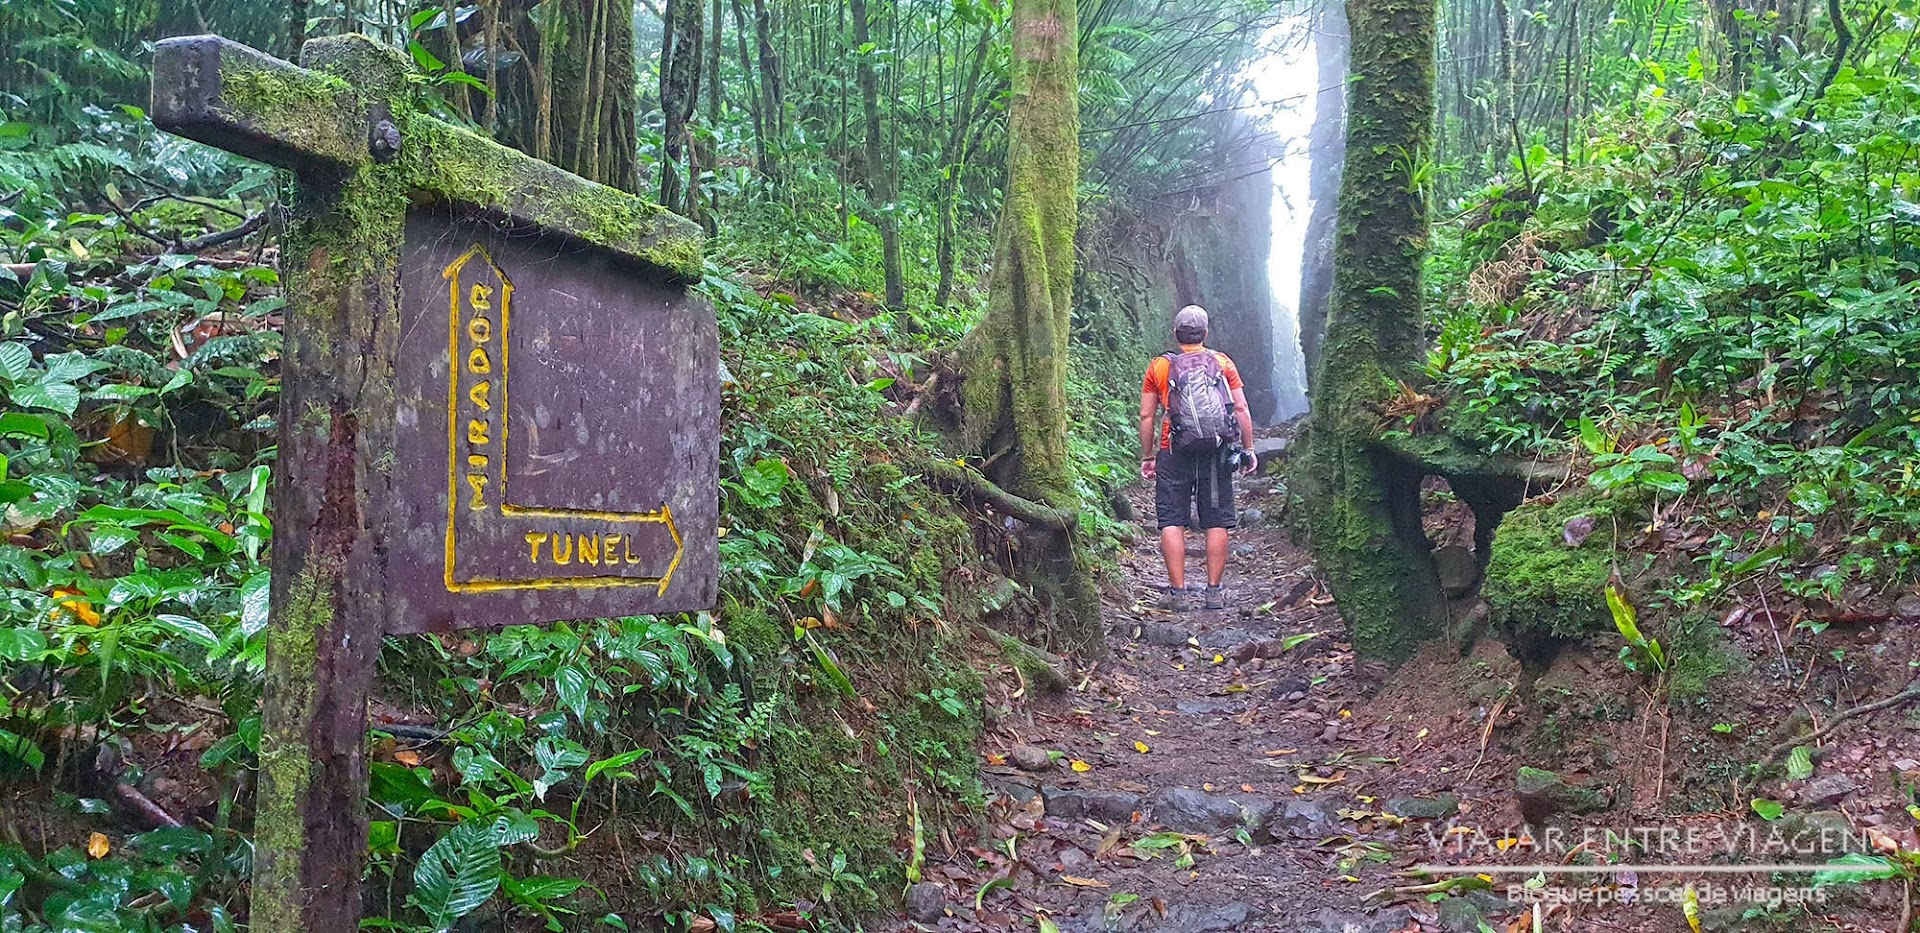 NICARÁGUA - Roteiro e dicas para viajar e visitar o país dos vulcões